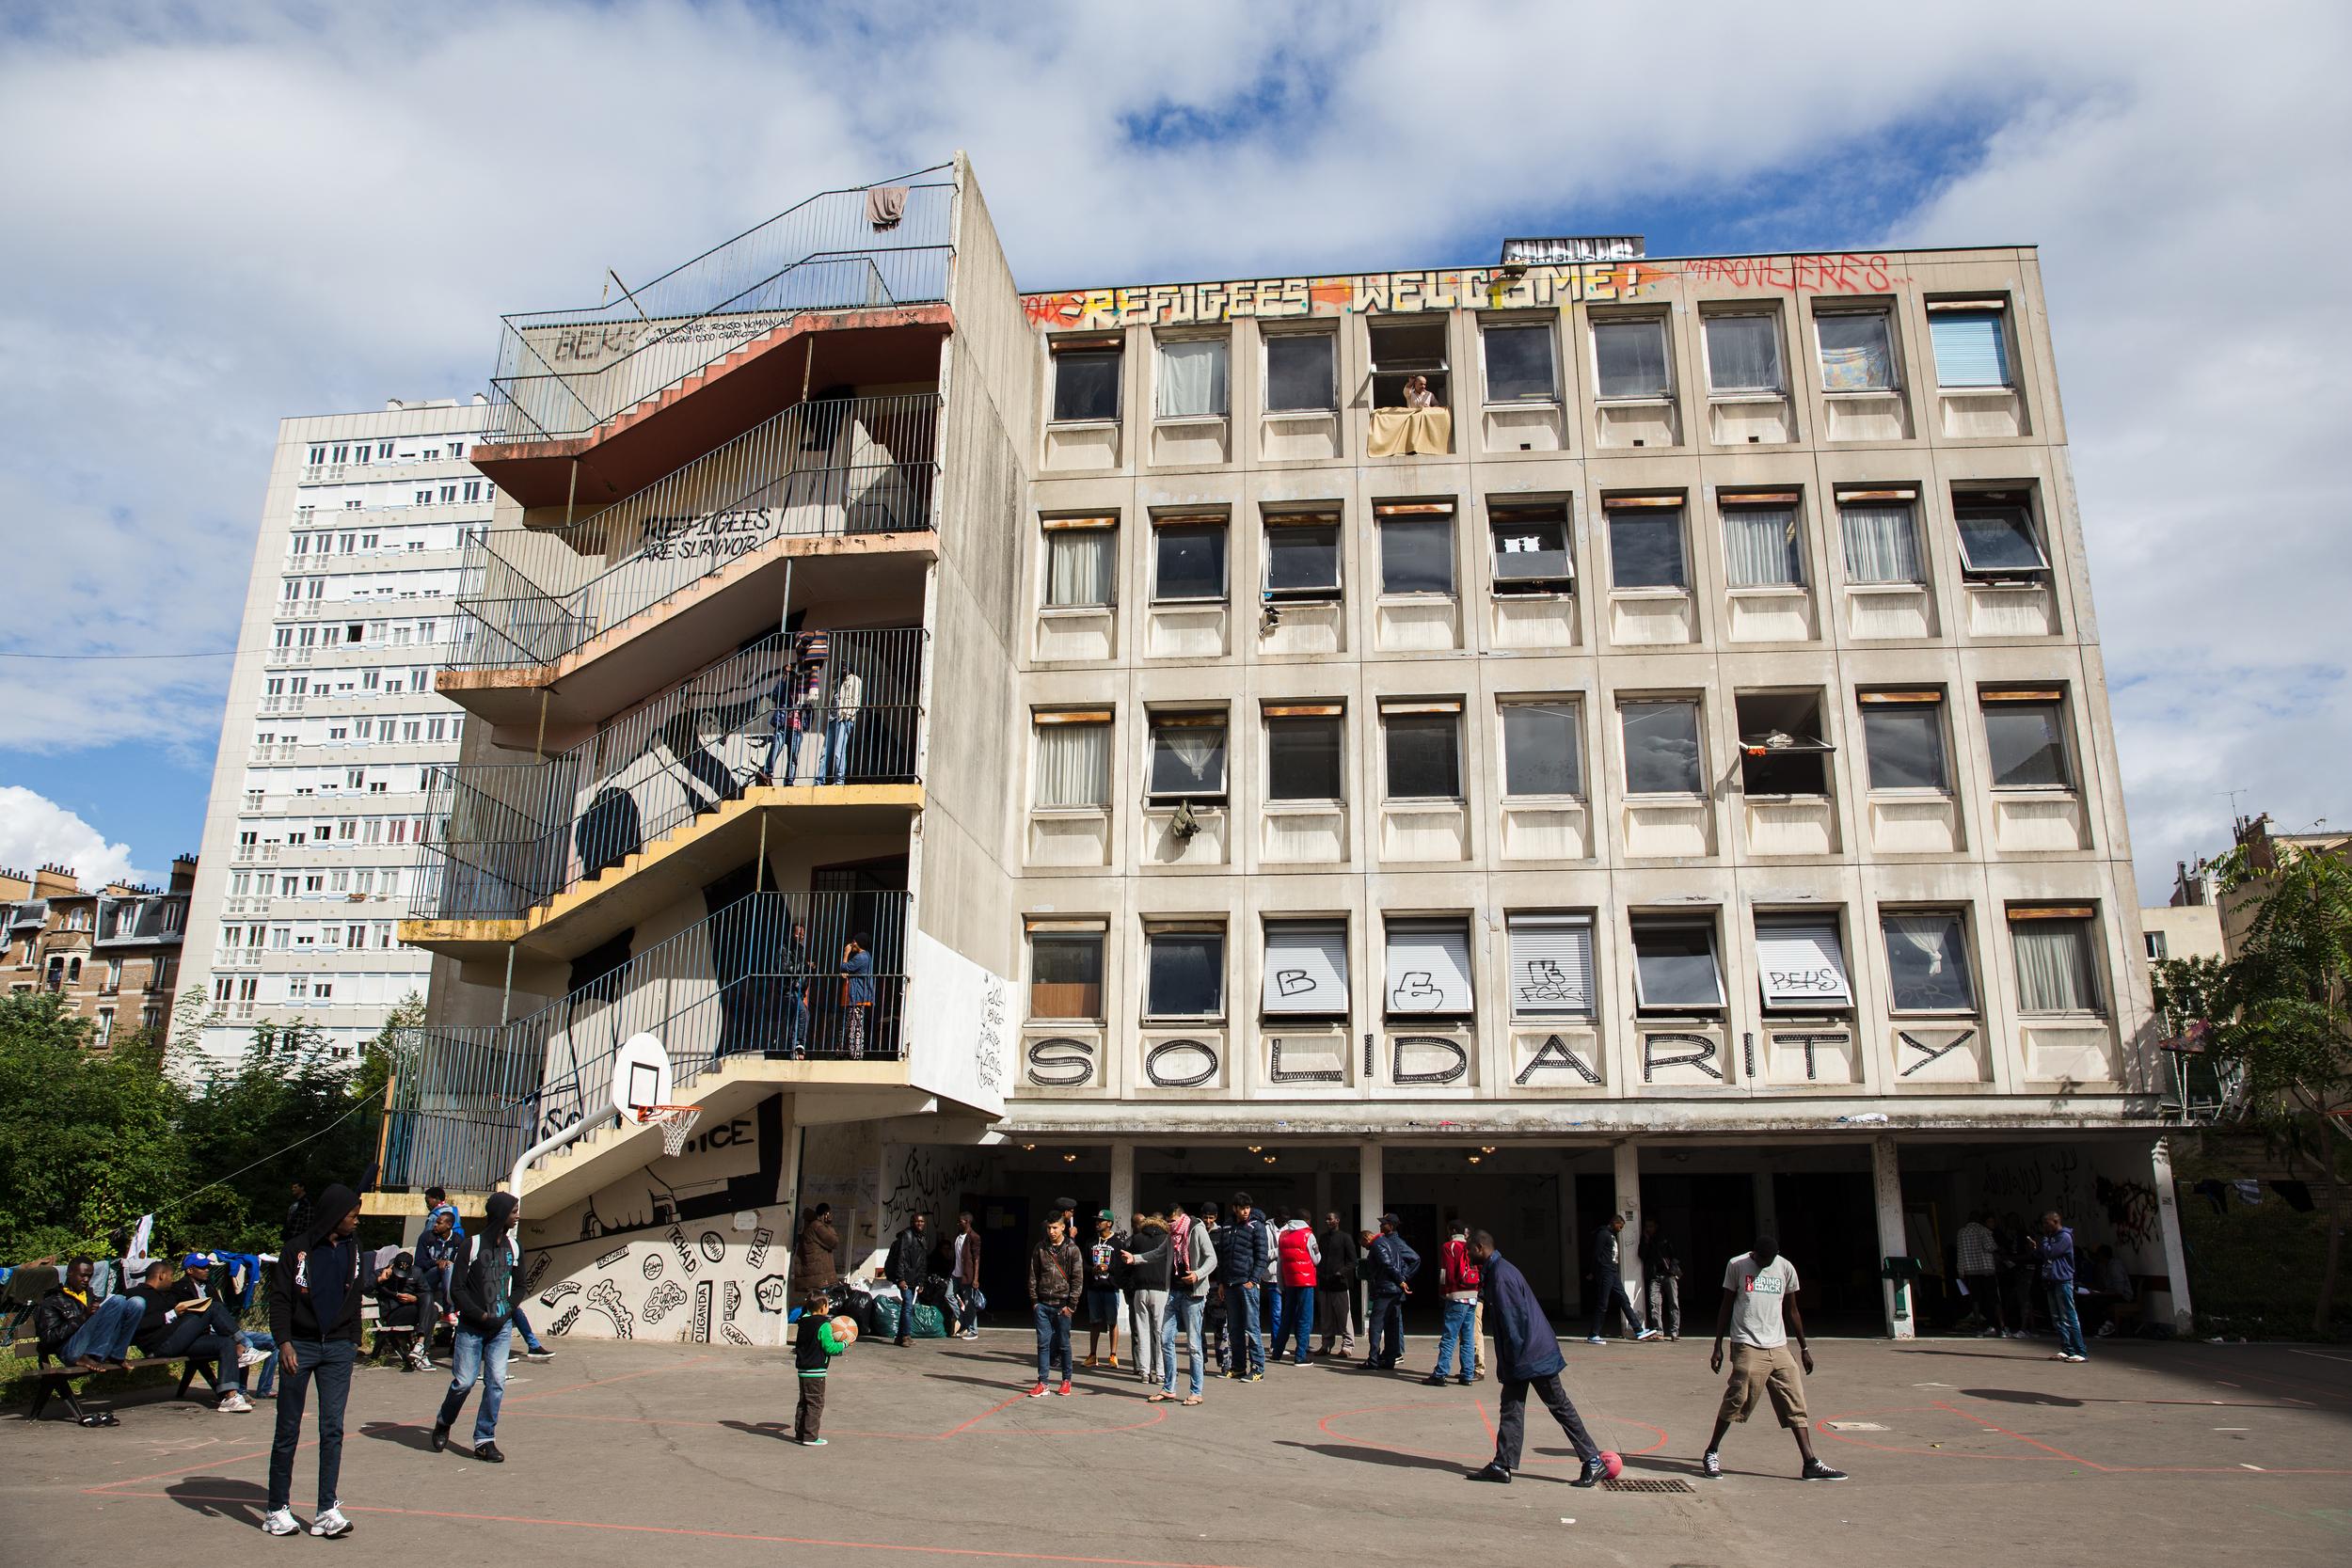 بدأ طالبو اللجوءفي البدايةيأتون إلى هذه المدرسة الفندقية المهجورة في باريس